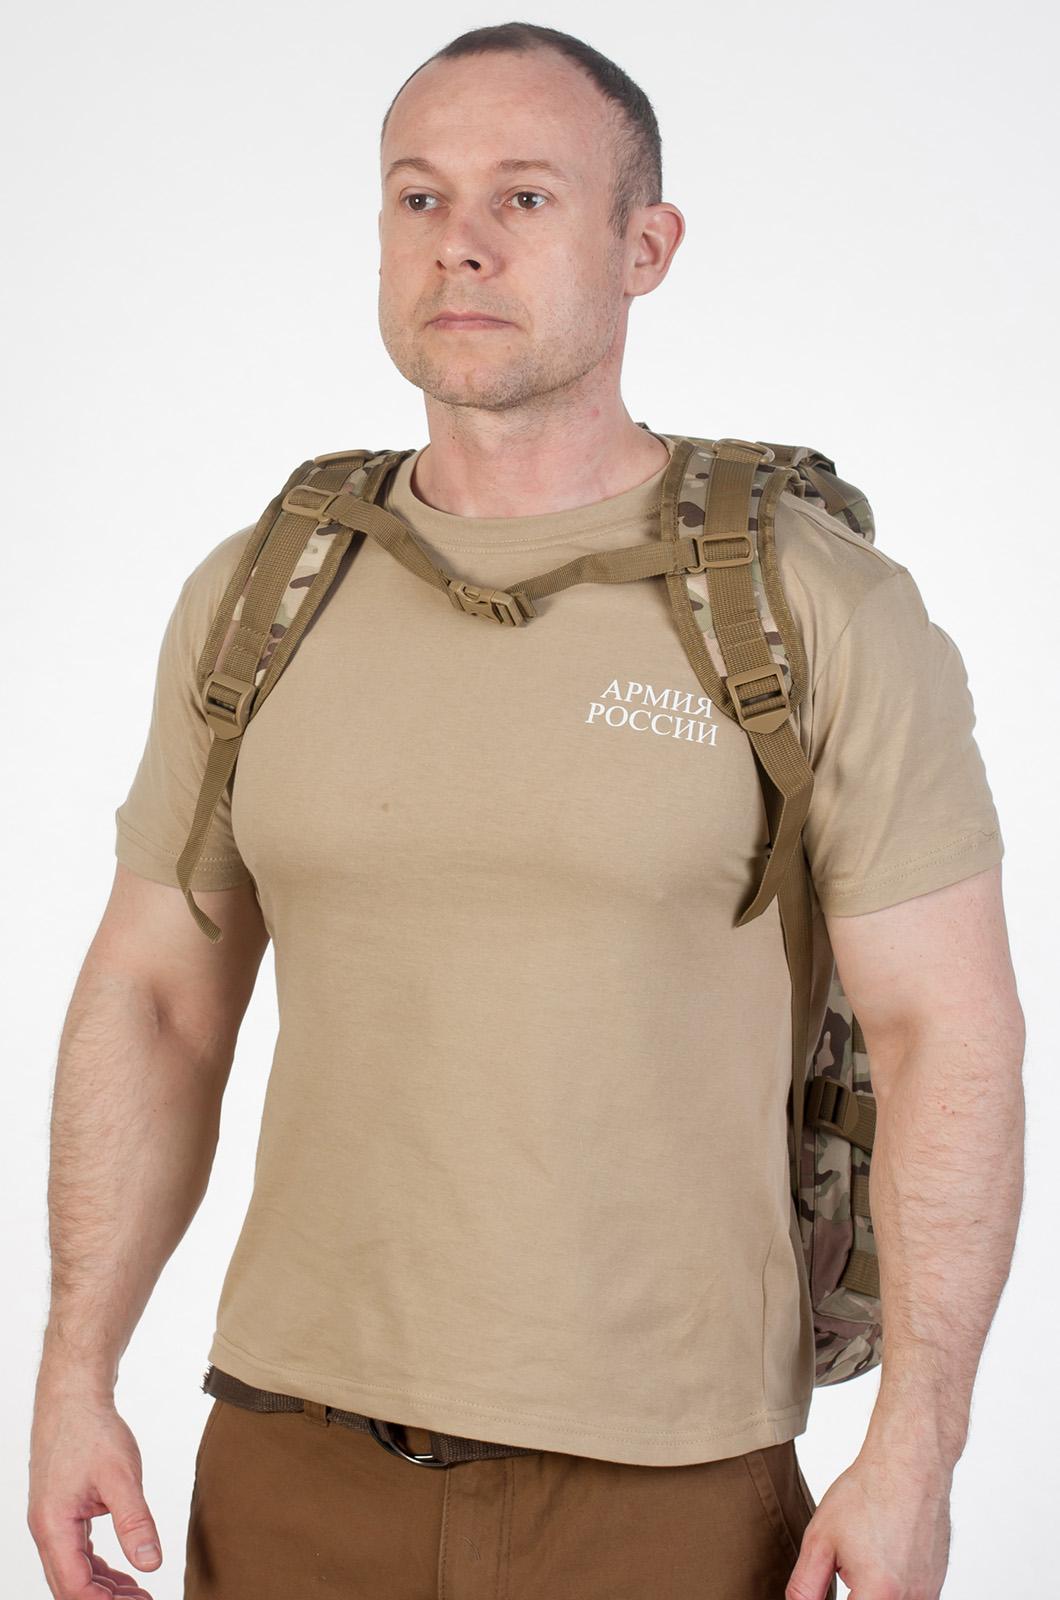 Рейдовый камуфляжный рюкзак с нашивкой Афган - купить оптом